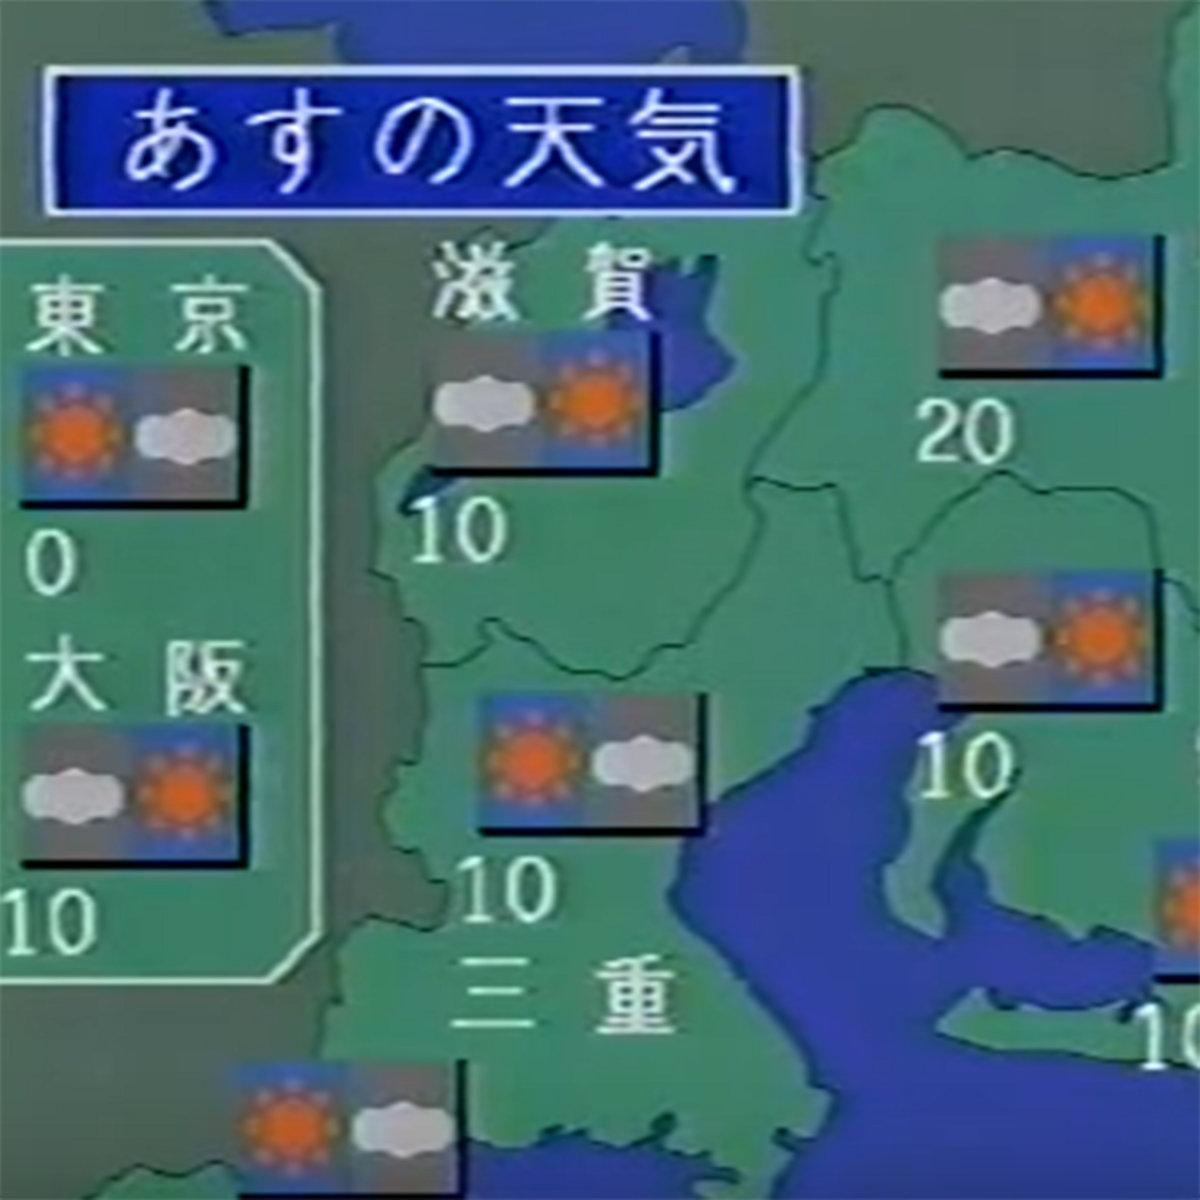 明日 の 熊本 の 天気 は